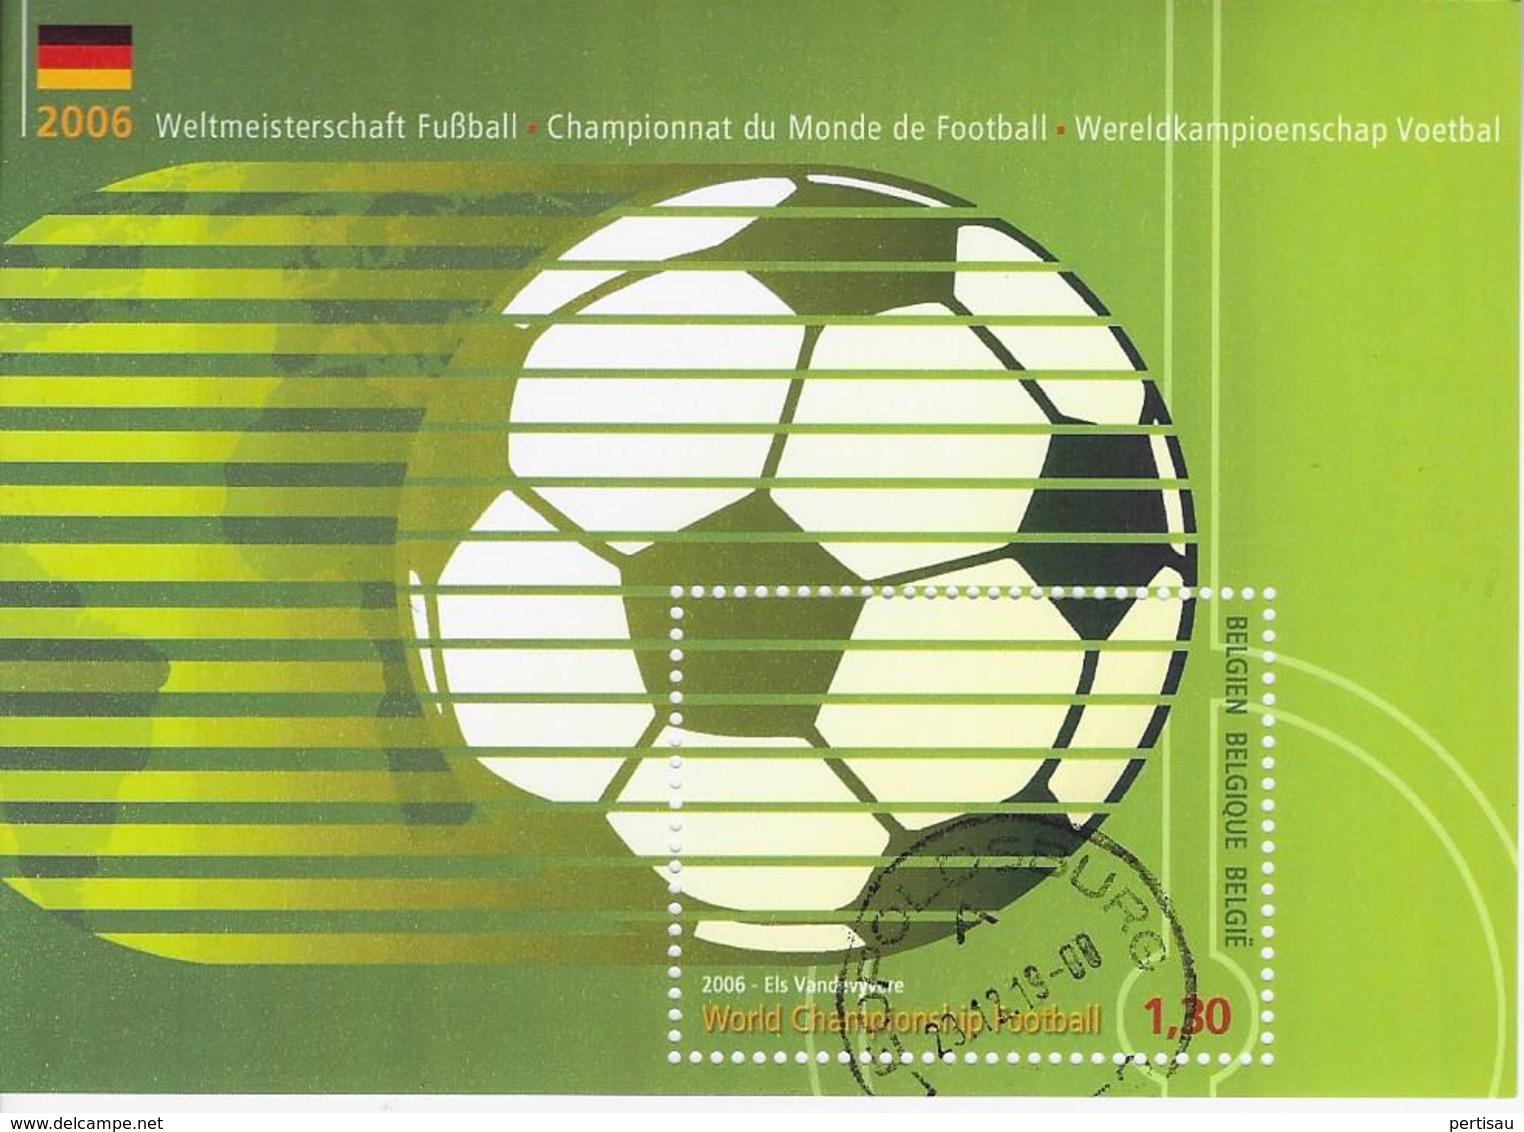 WK Voetbal 2006 Duitsland - Usados